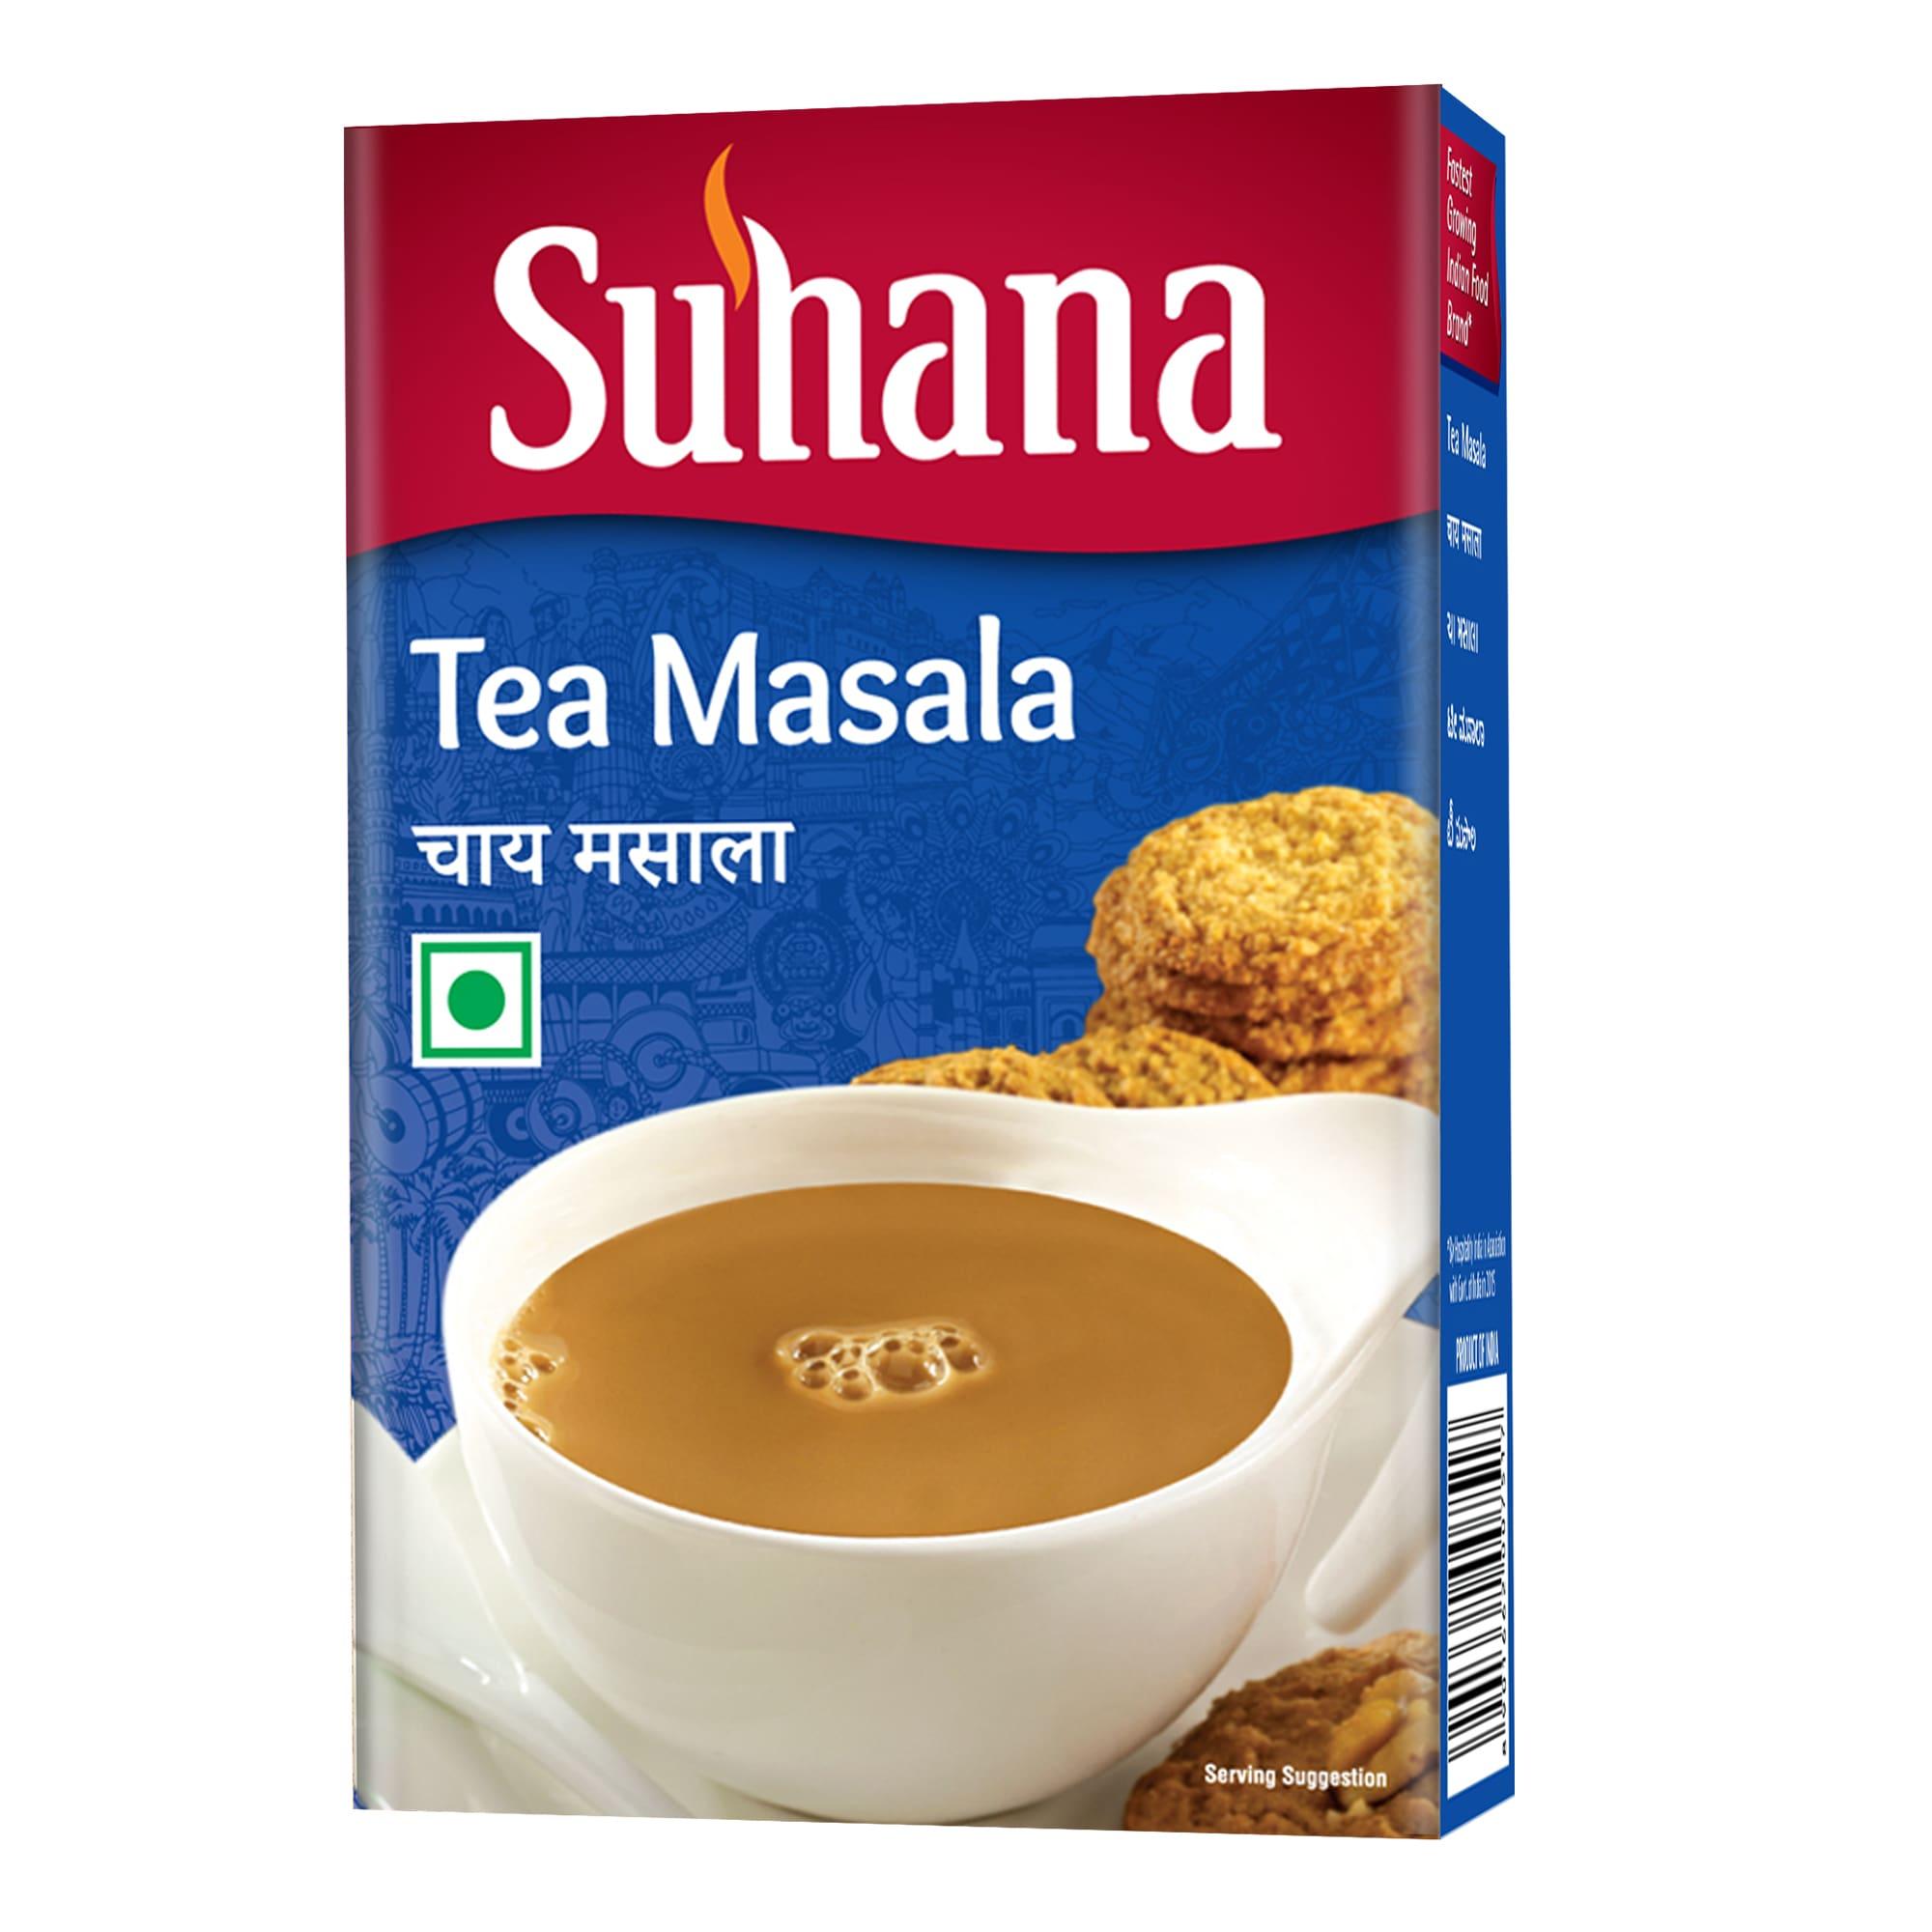 Suhana Tea Masala 50 g Box